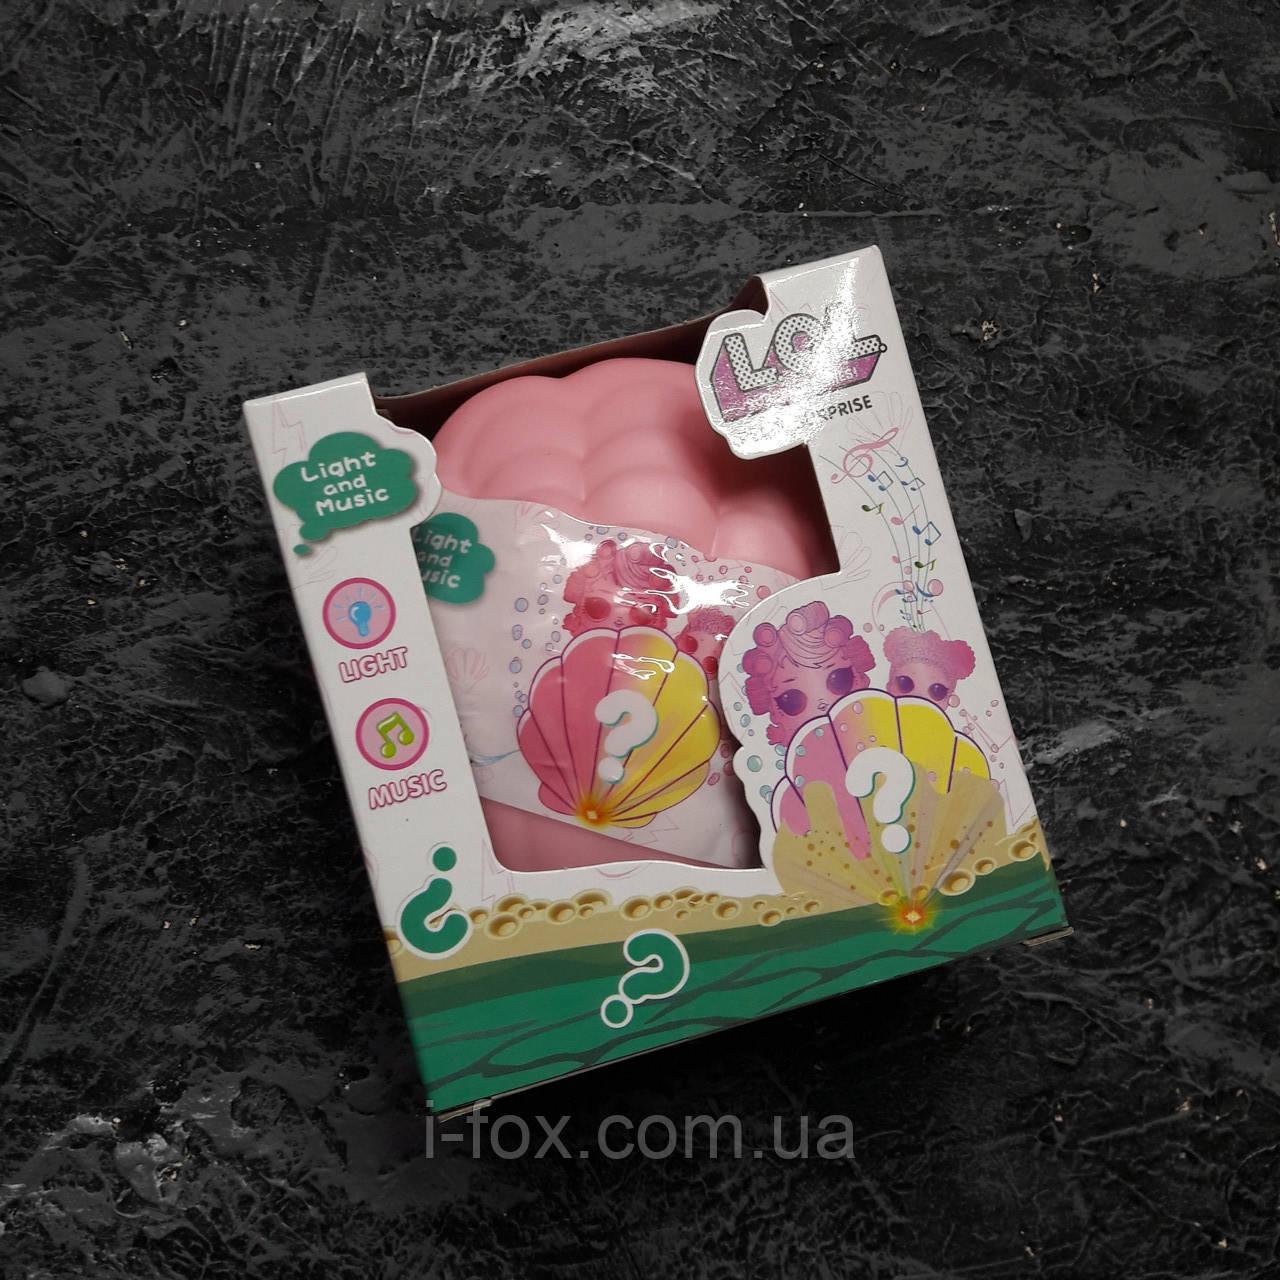 Кукла лол ракушка | Кукла LOL Pearl mini Surprise Doll свет + музыка